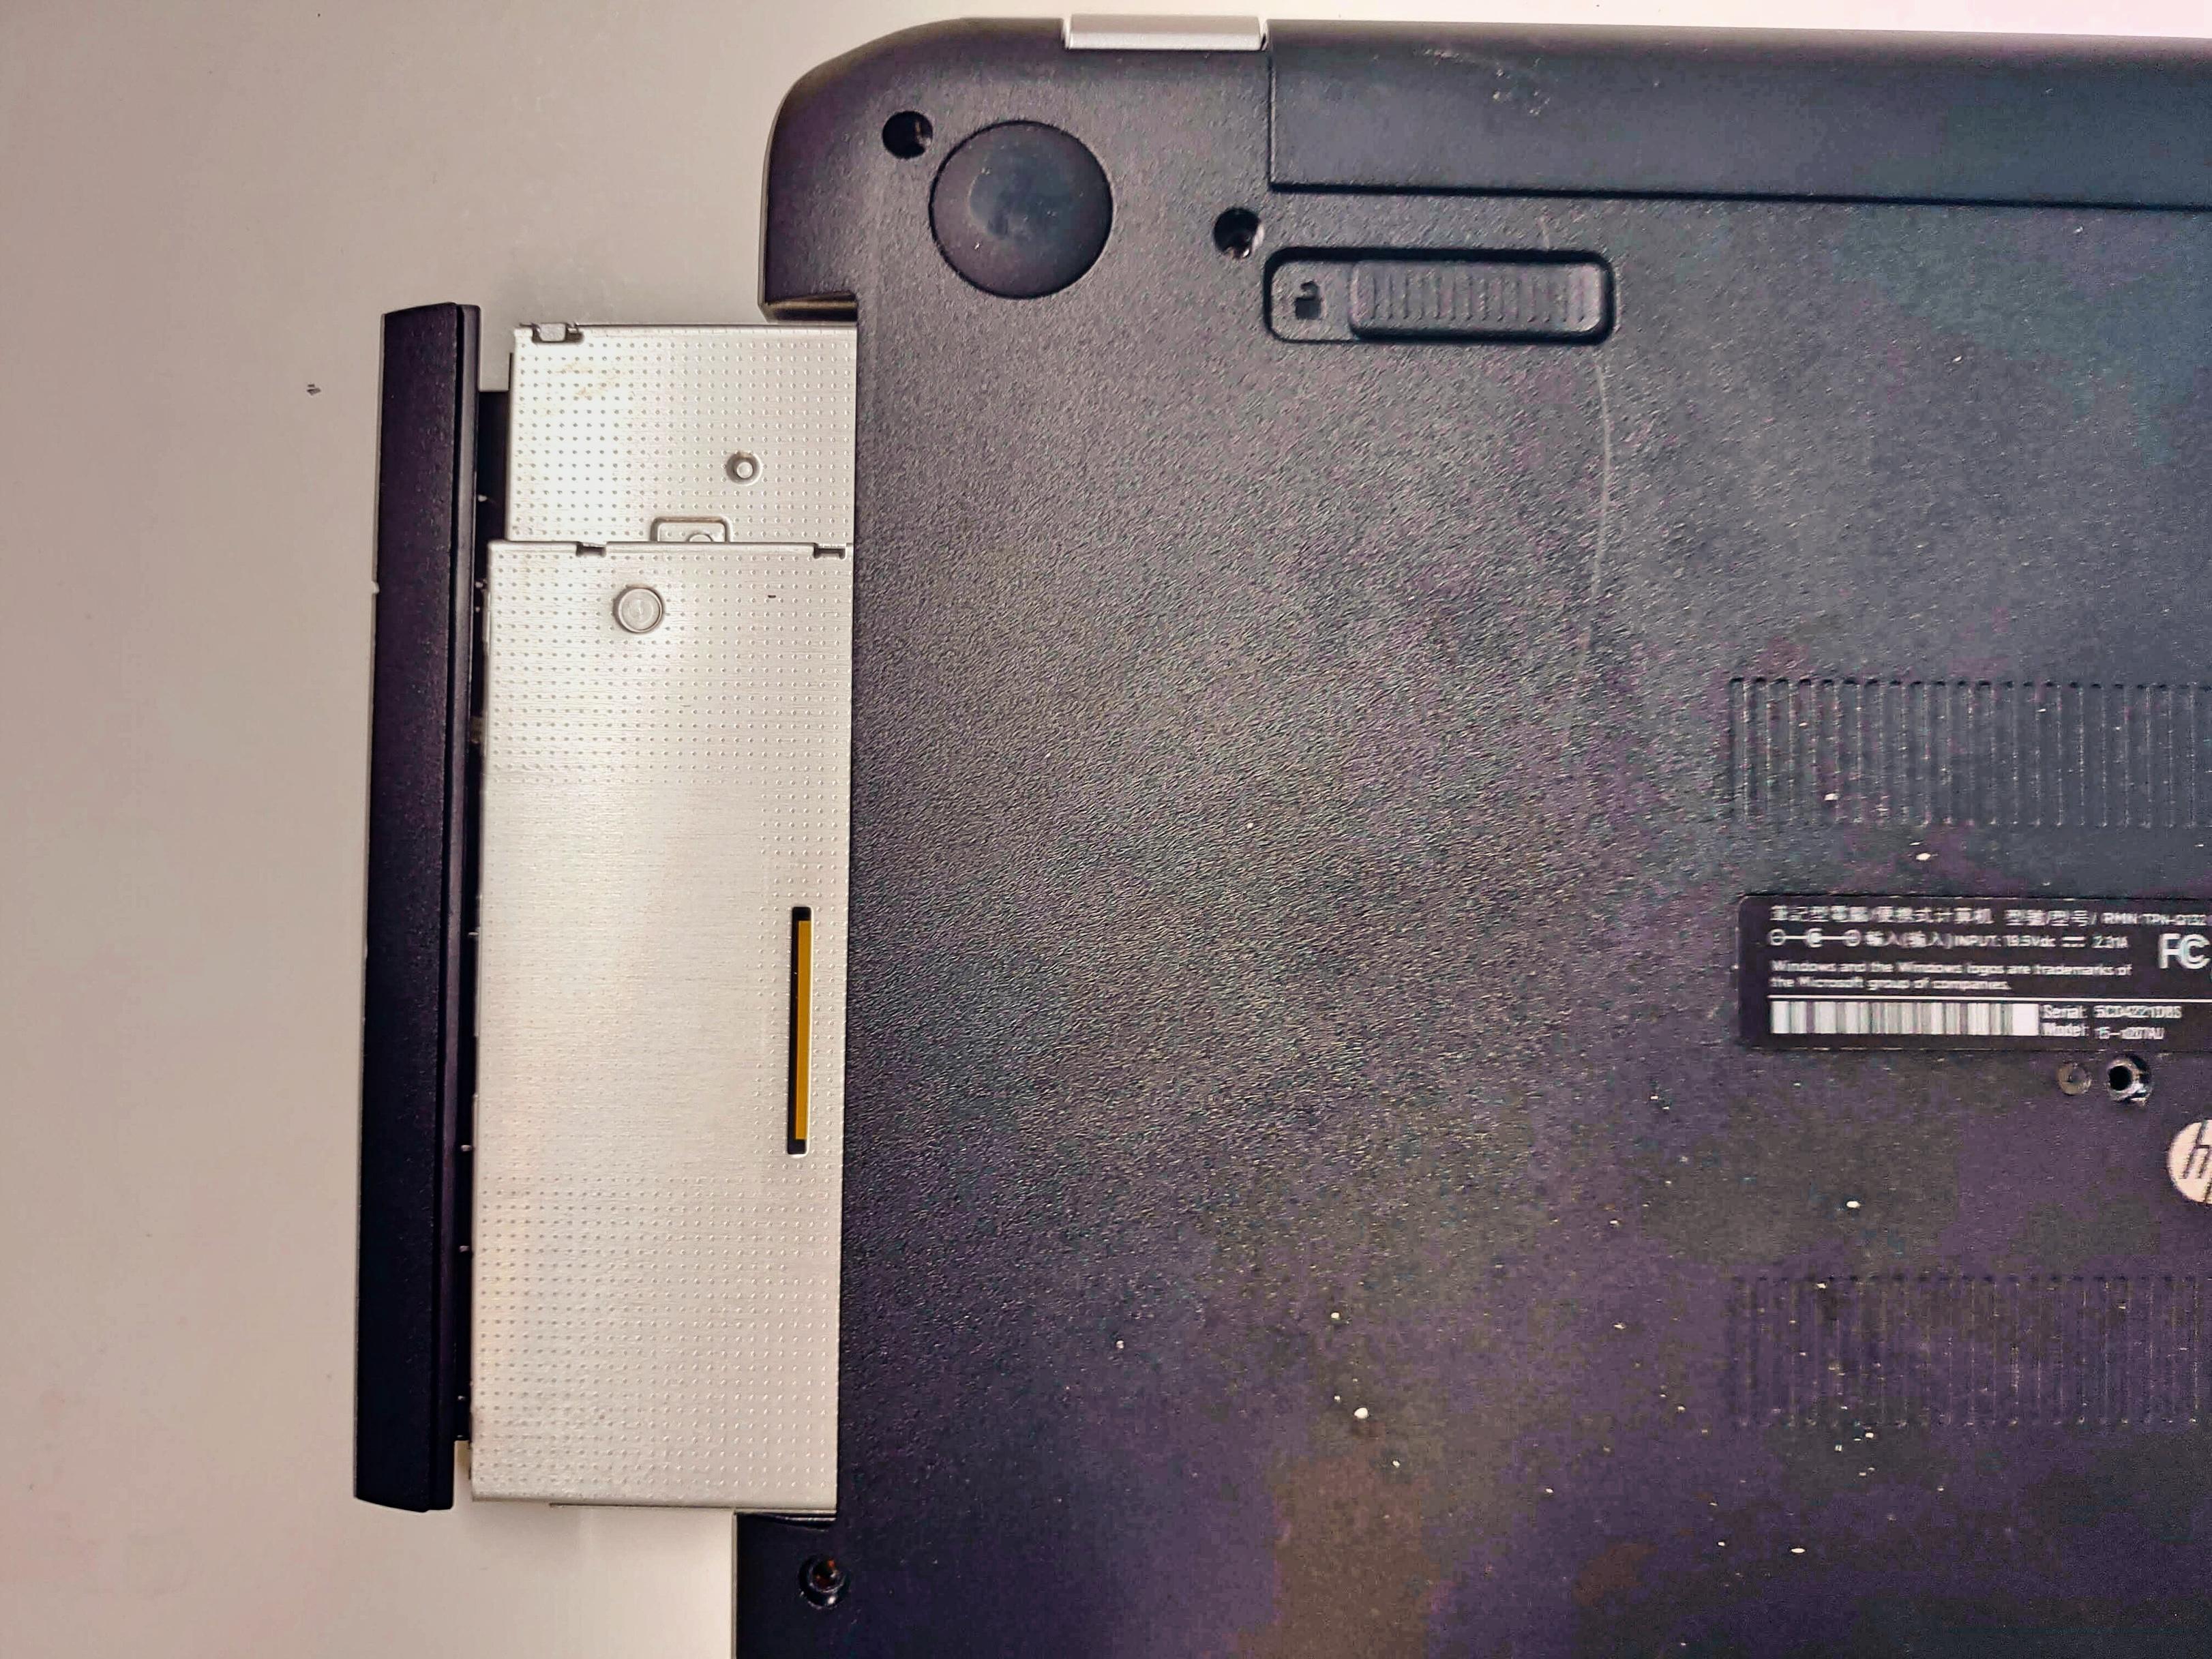 ノートパソコン「日本HP Pavilion 15-n207AU」HDD取り出し・交換・バックアップ -4-